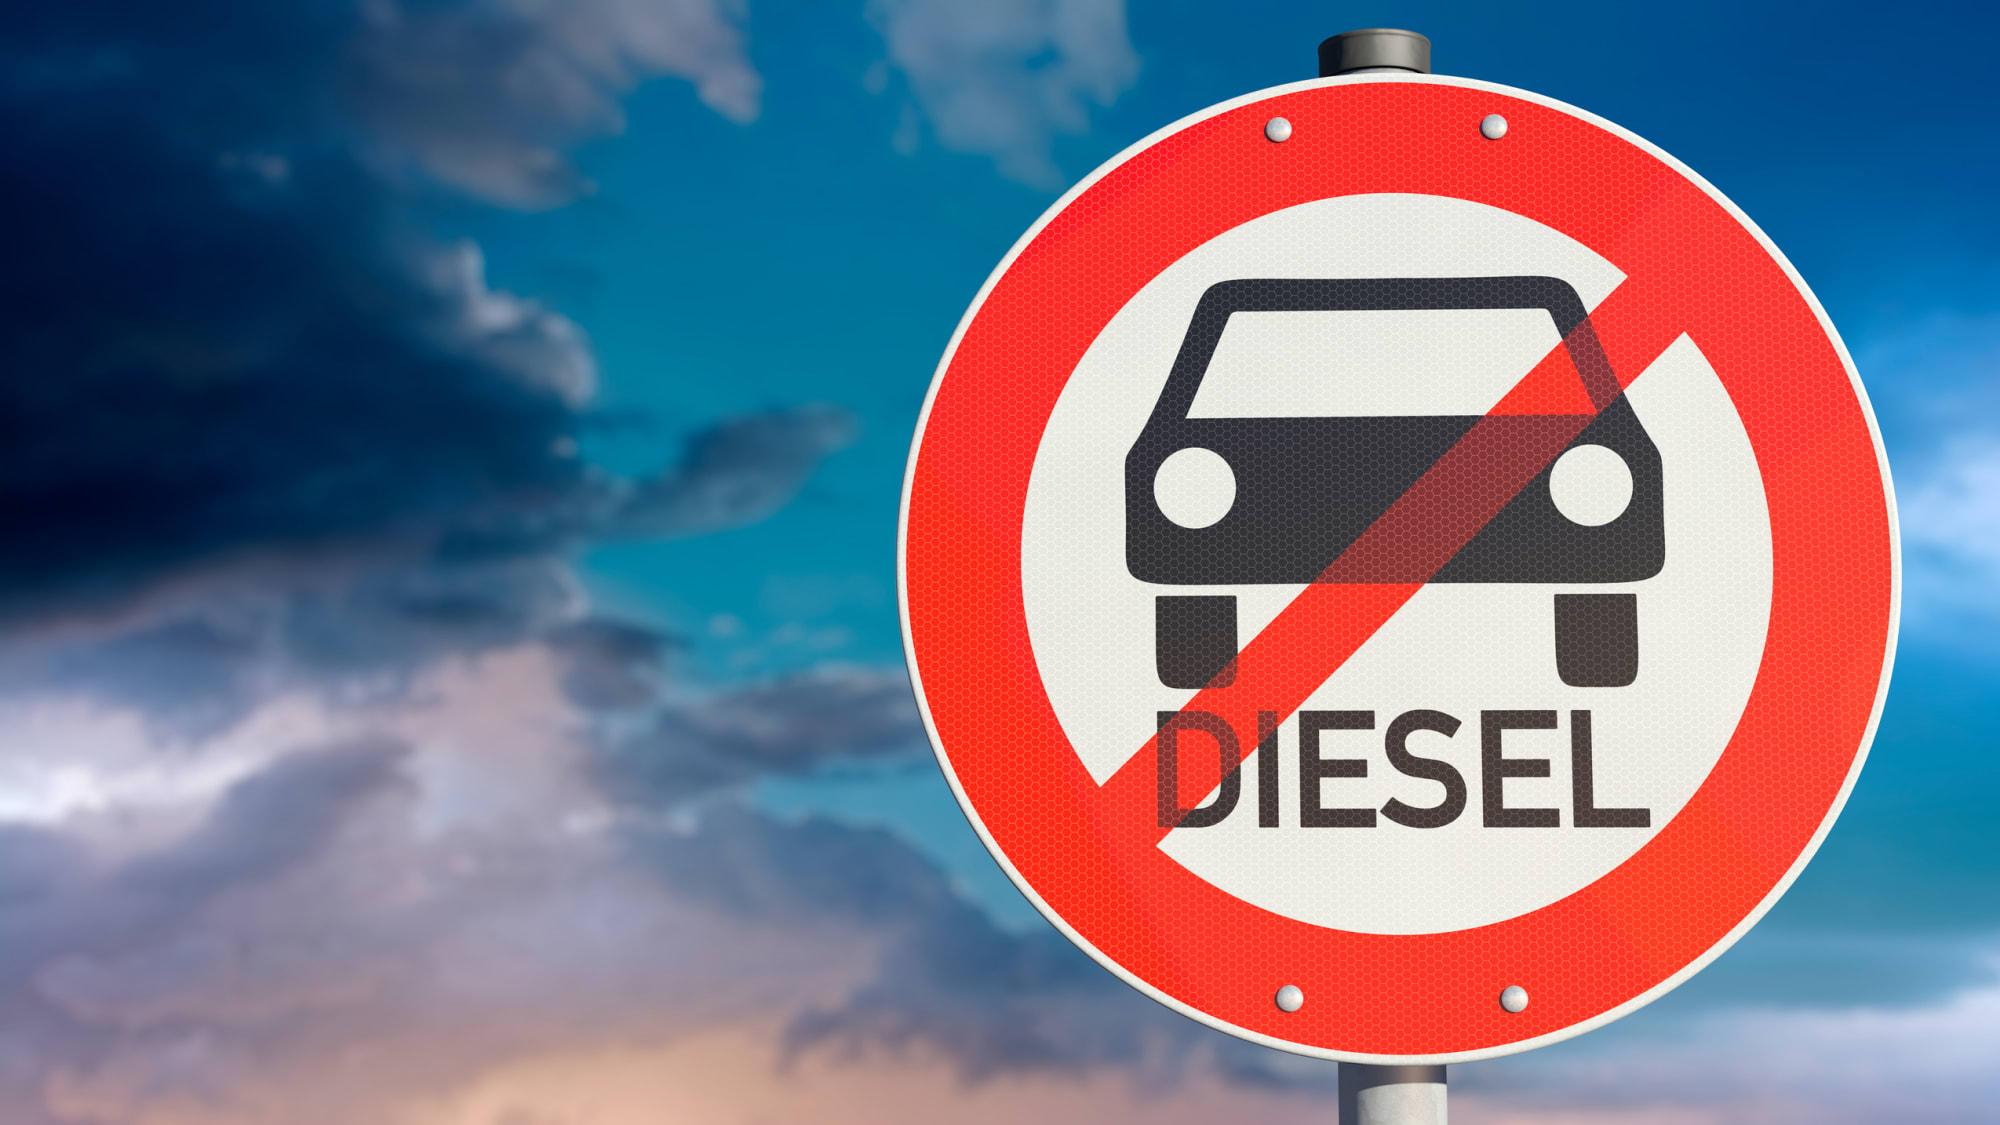 Diesel Verbotsschild